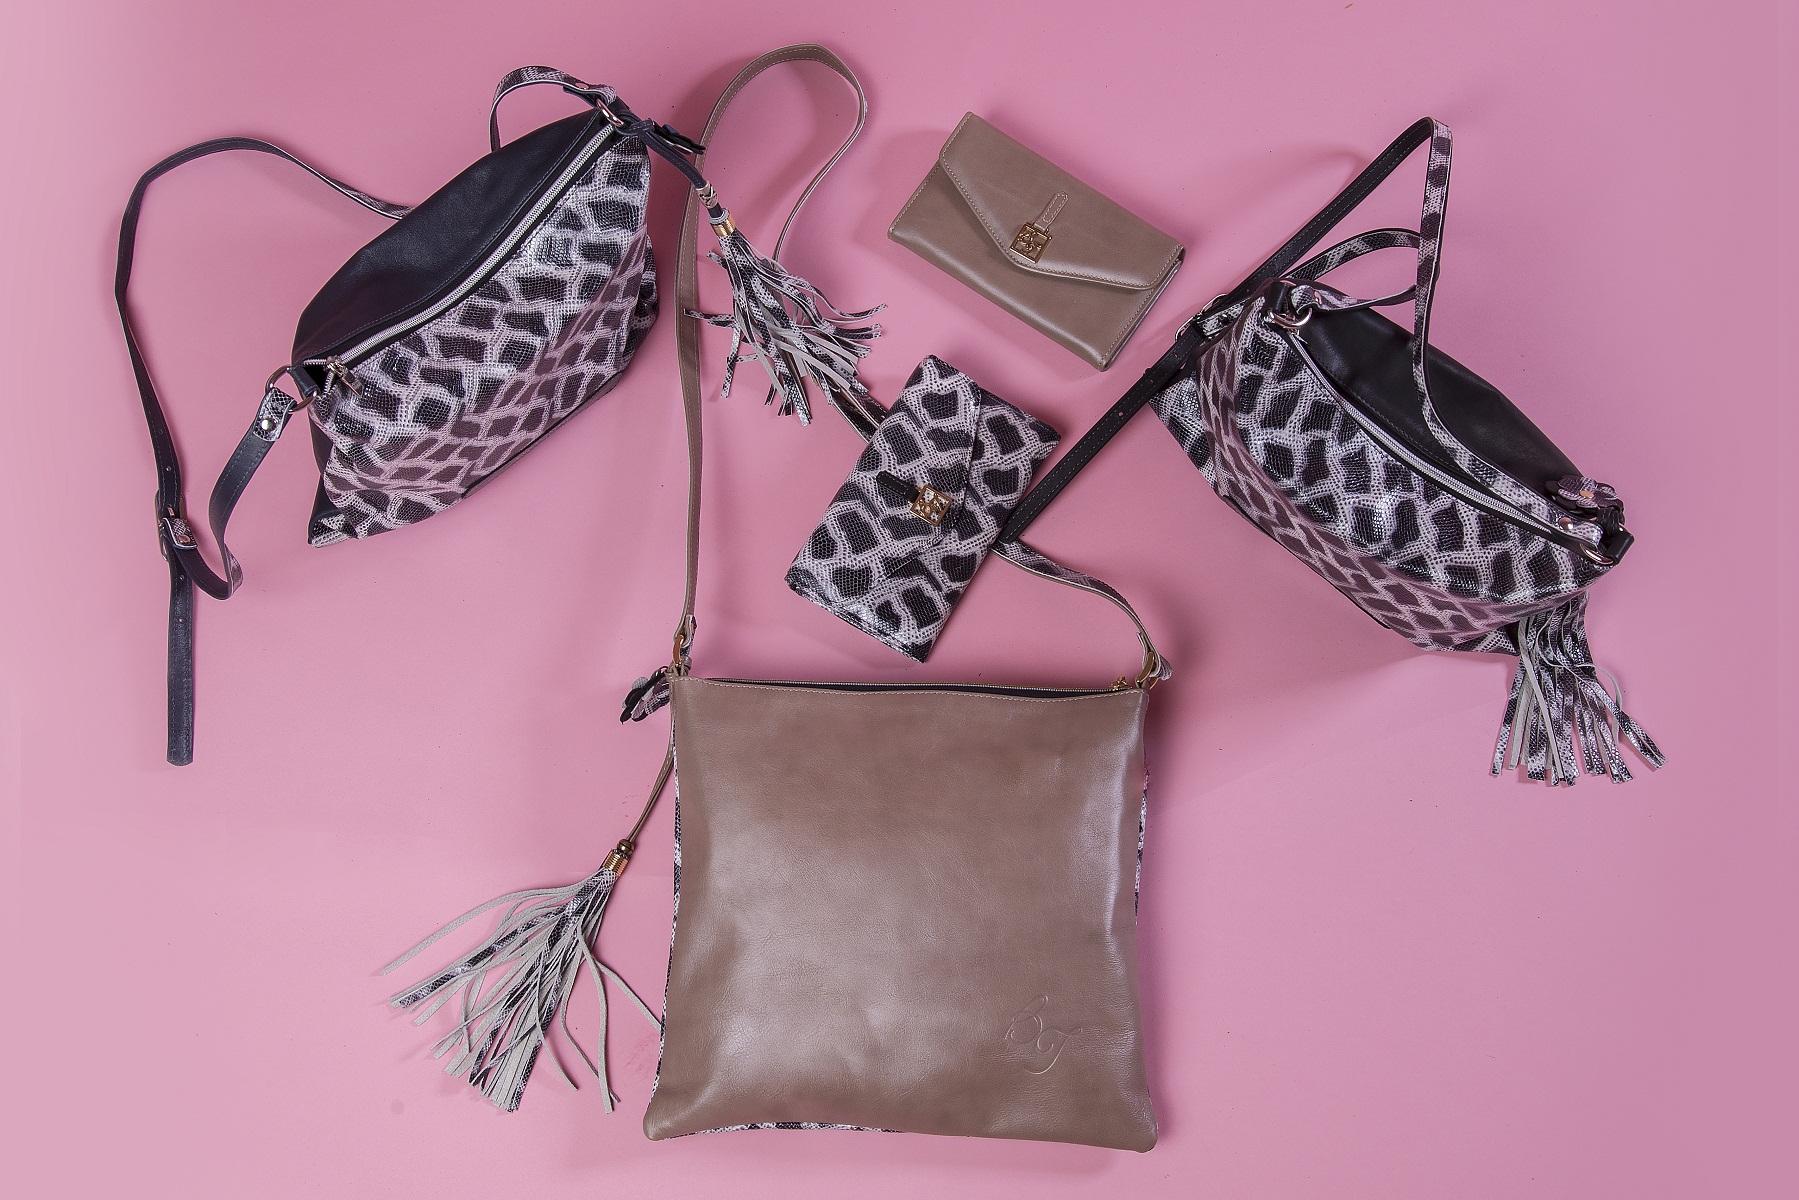 Magnolia bags